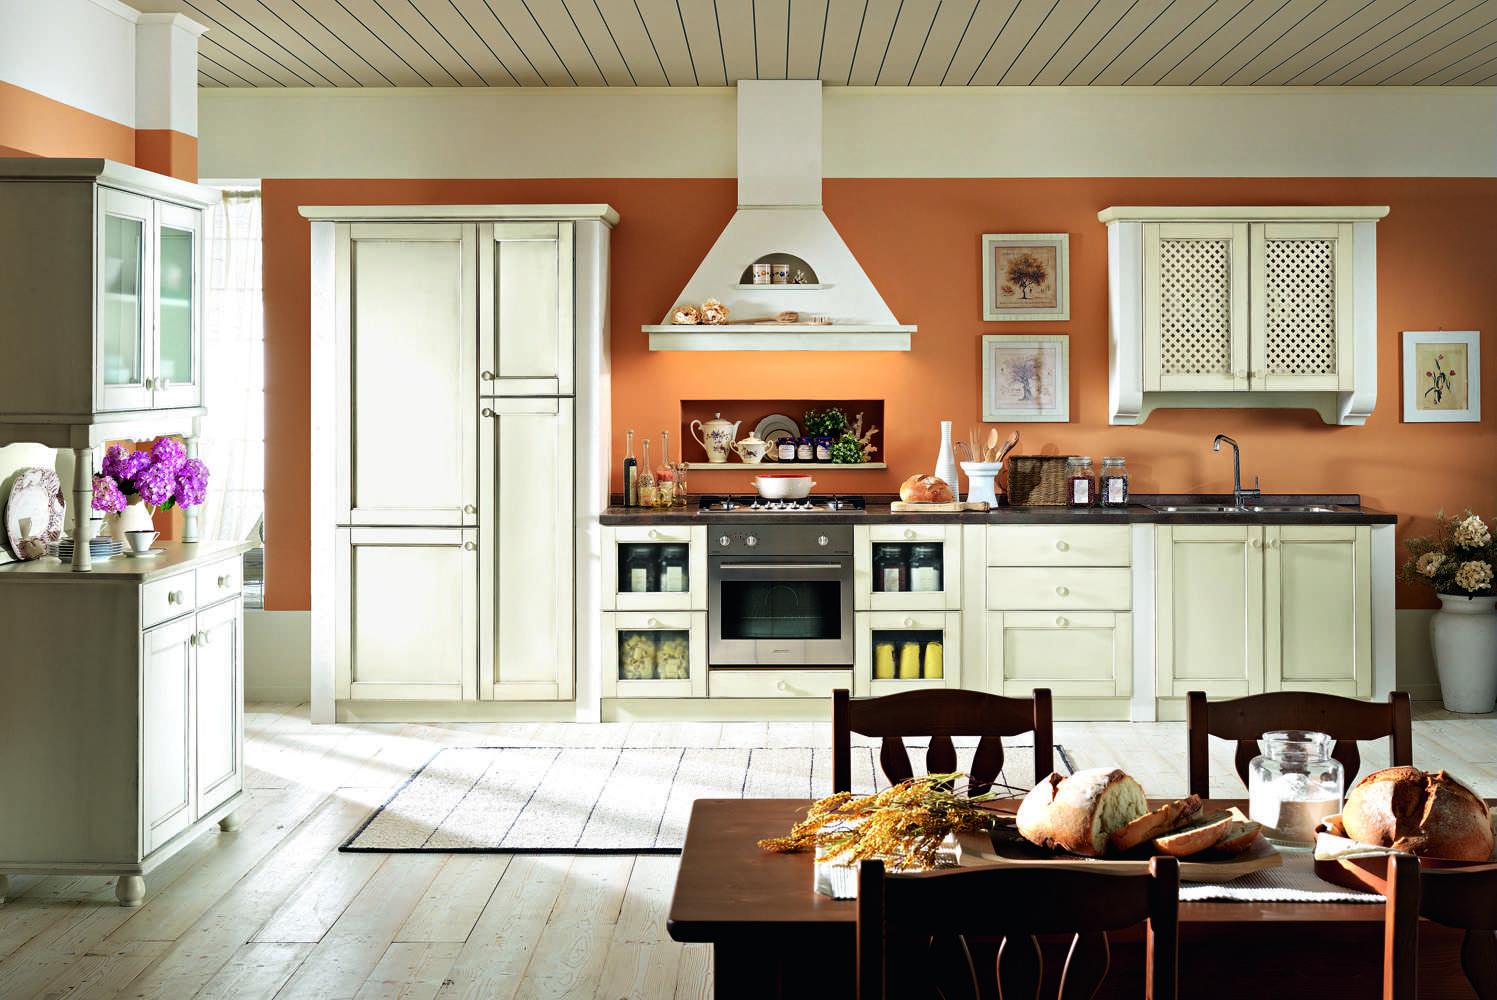 Mobilificio trento ceol mobili e arredamenti in legno for Trento arredamenti